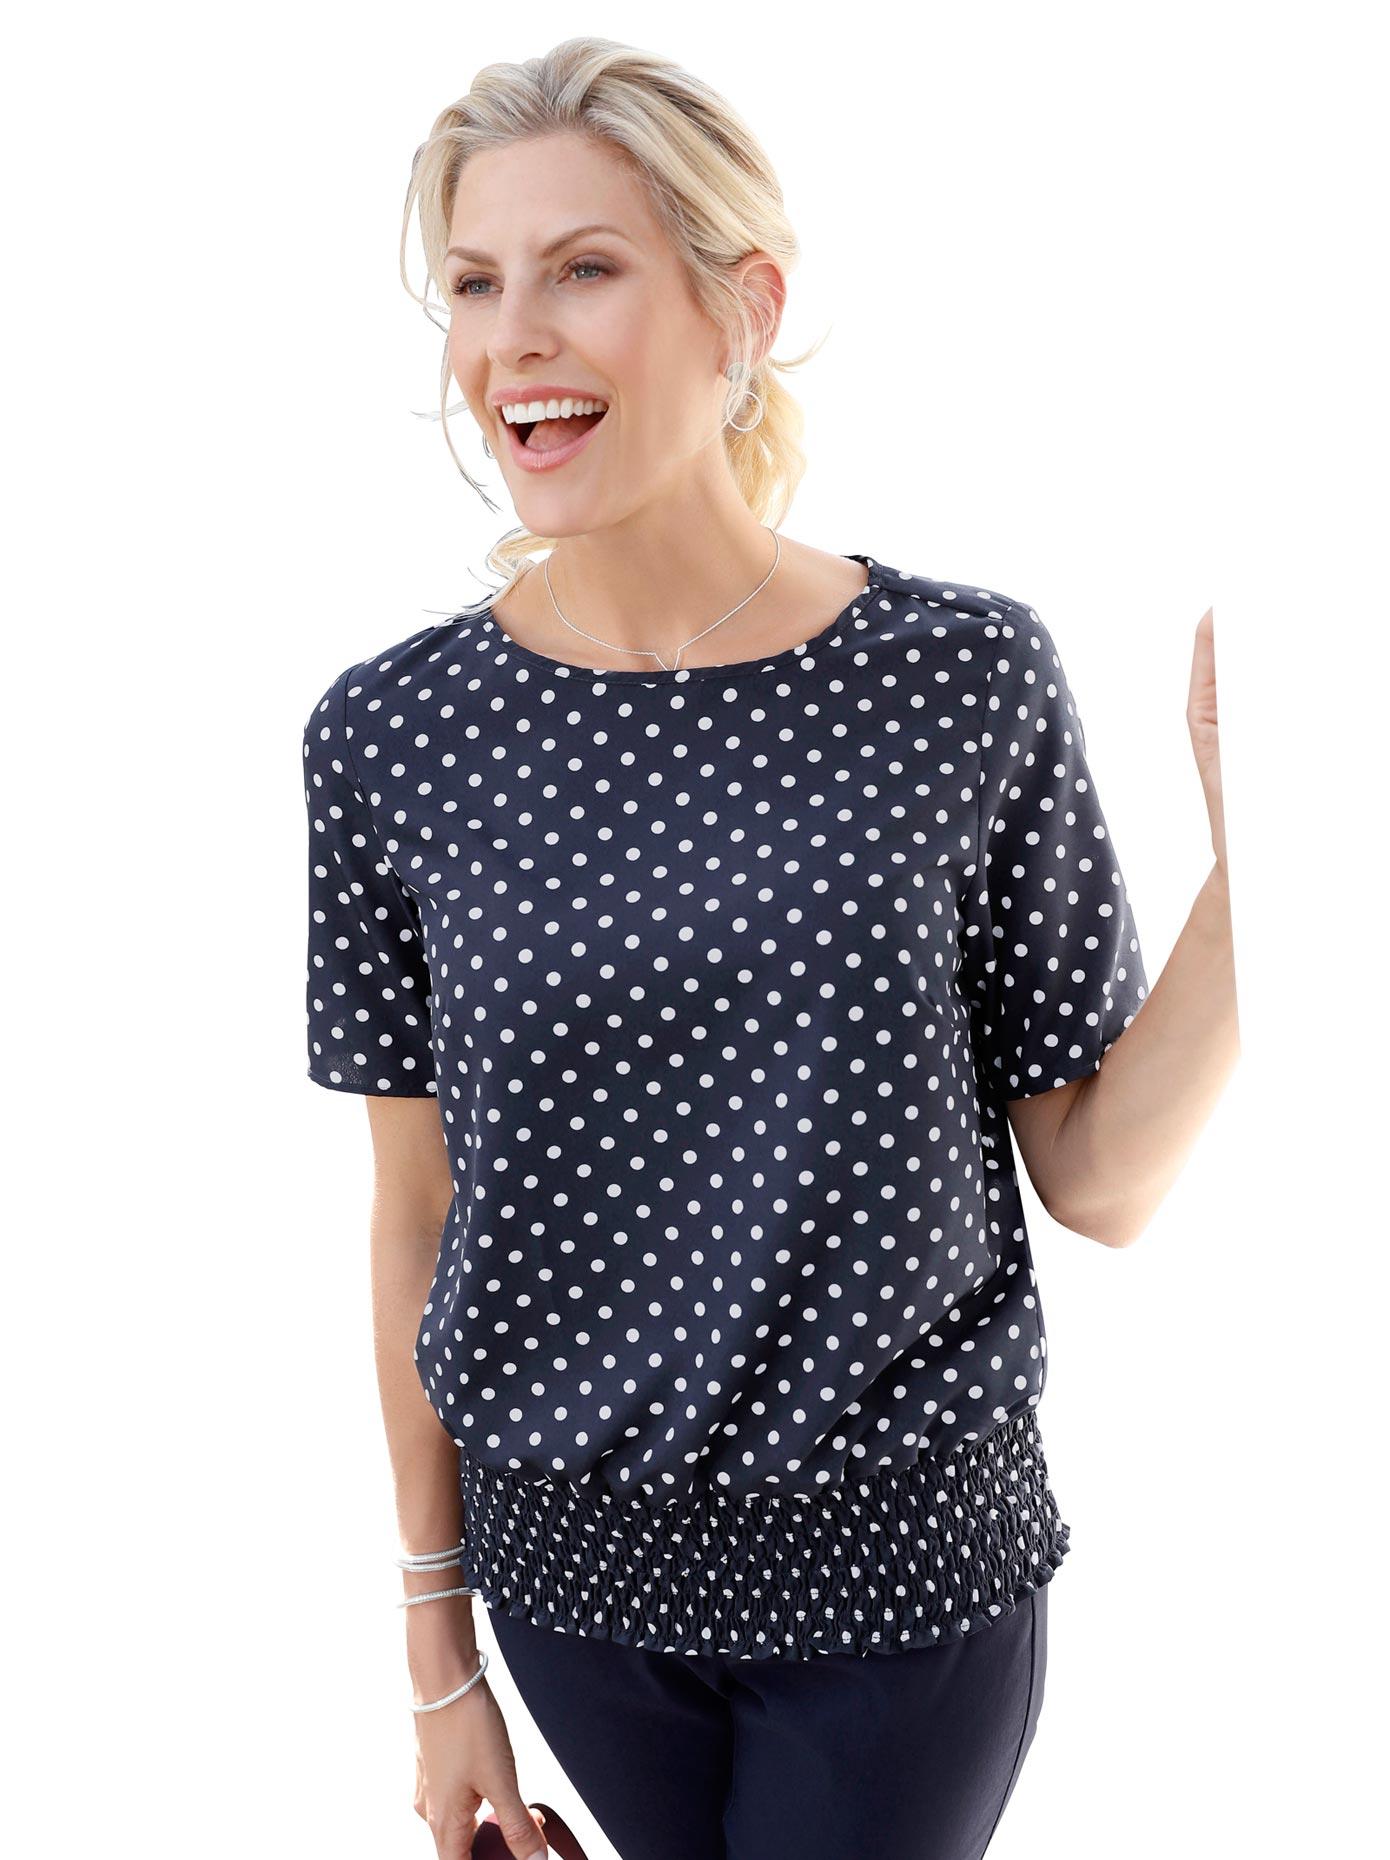 Classic Basics Bluse im hübschen Tupfen-Dessin